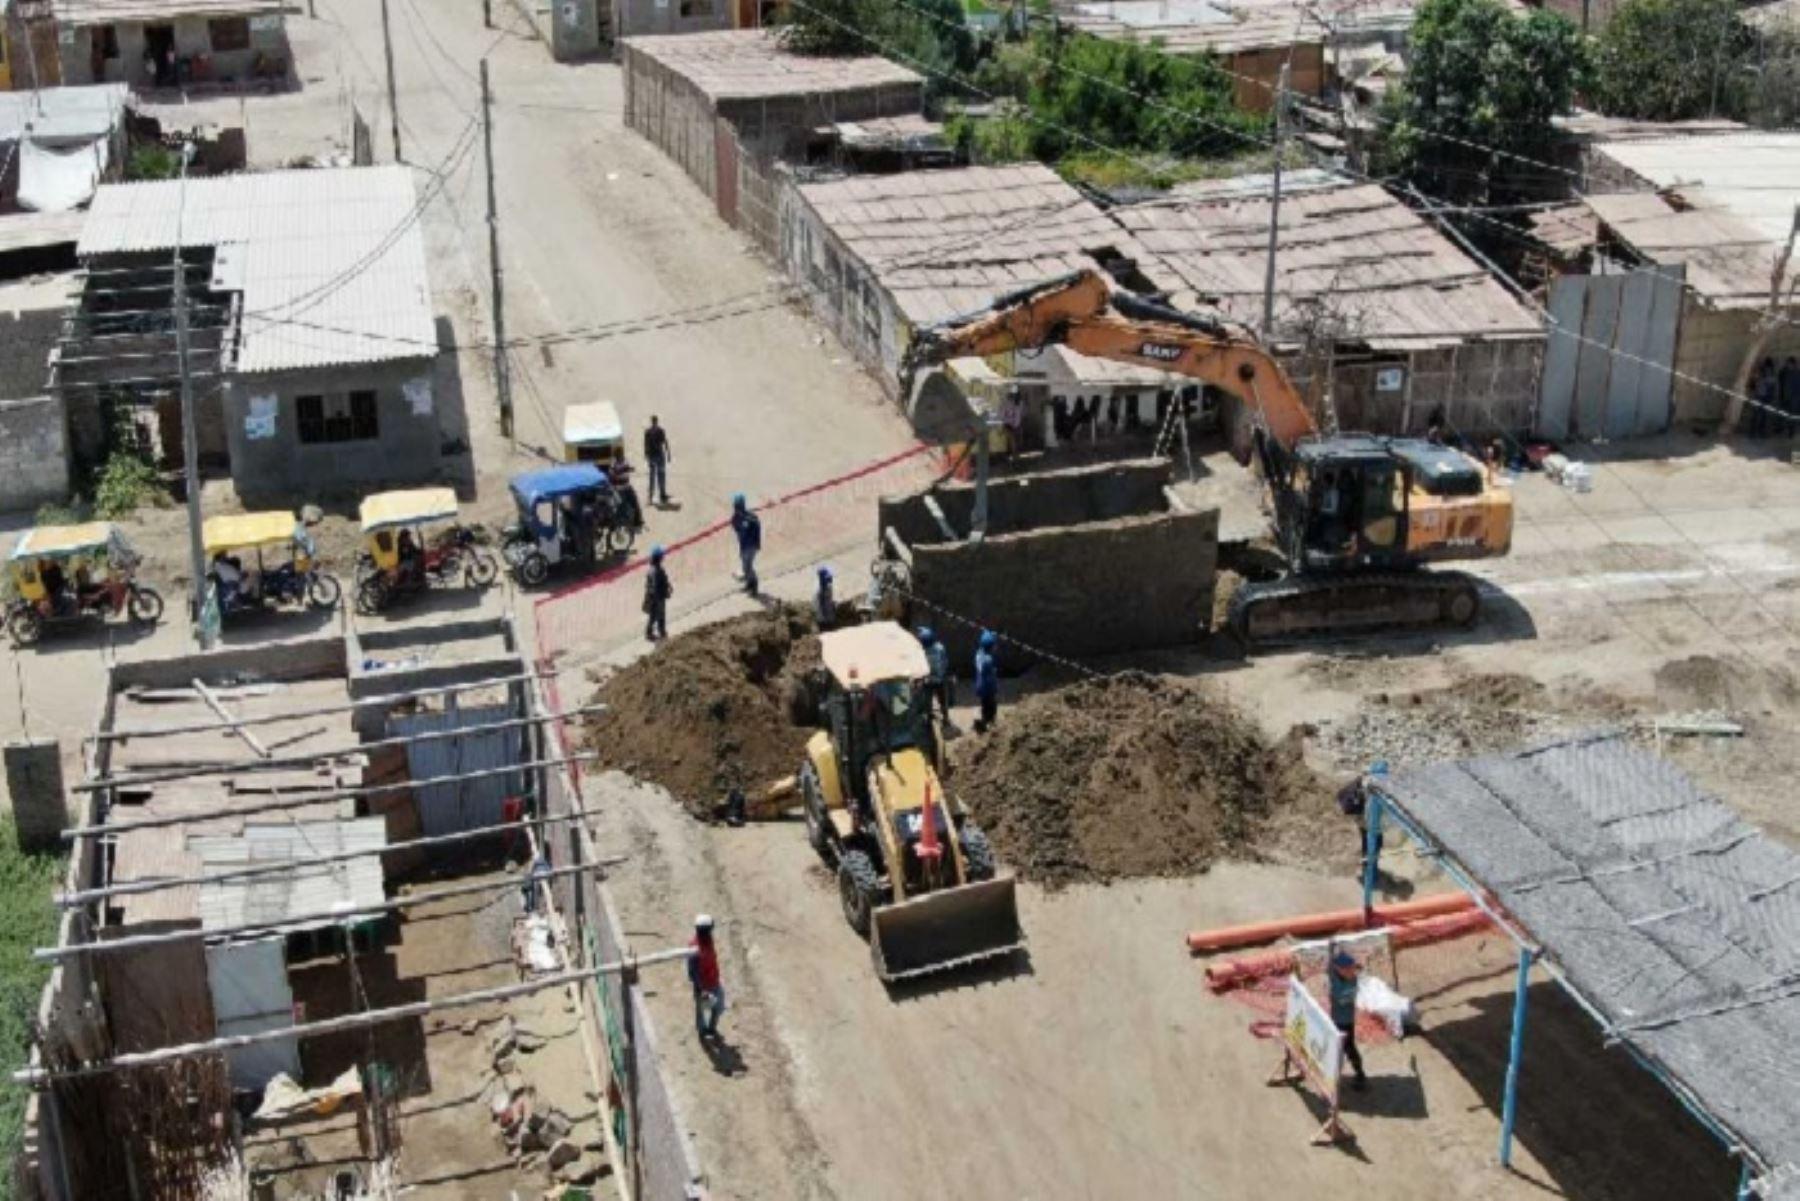 La Autoridad para la Reconstrucción con Cambios (ARCC) gestionó la transferencia de más de 74 millones de soles para financiar obras de reconstrucción en diez regiones del país, que serán ejecutadas por 26 gobiernos locales y los ministerios de Salud y de Vivienda, Construcción y Saneamiento.